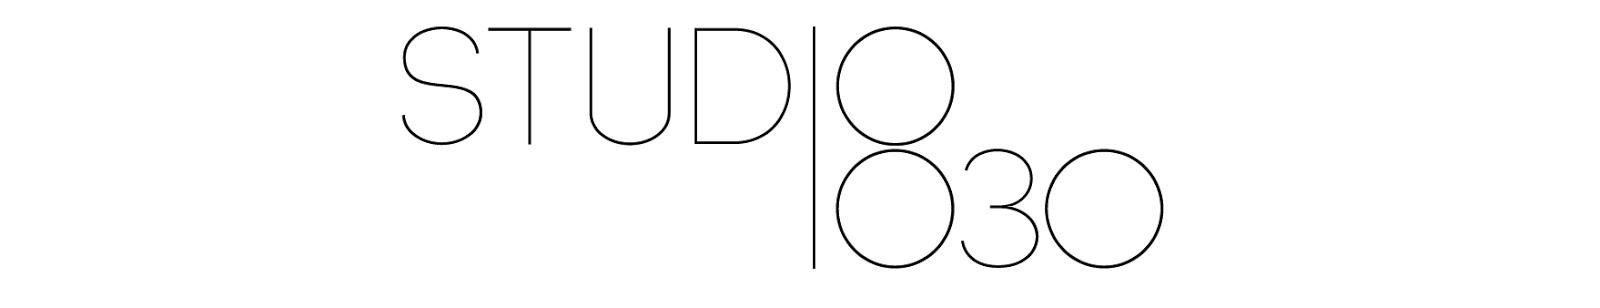 STUDIO 1030